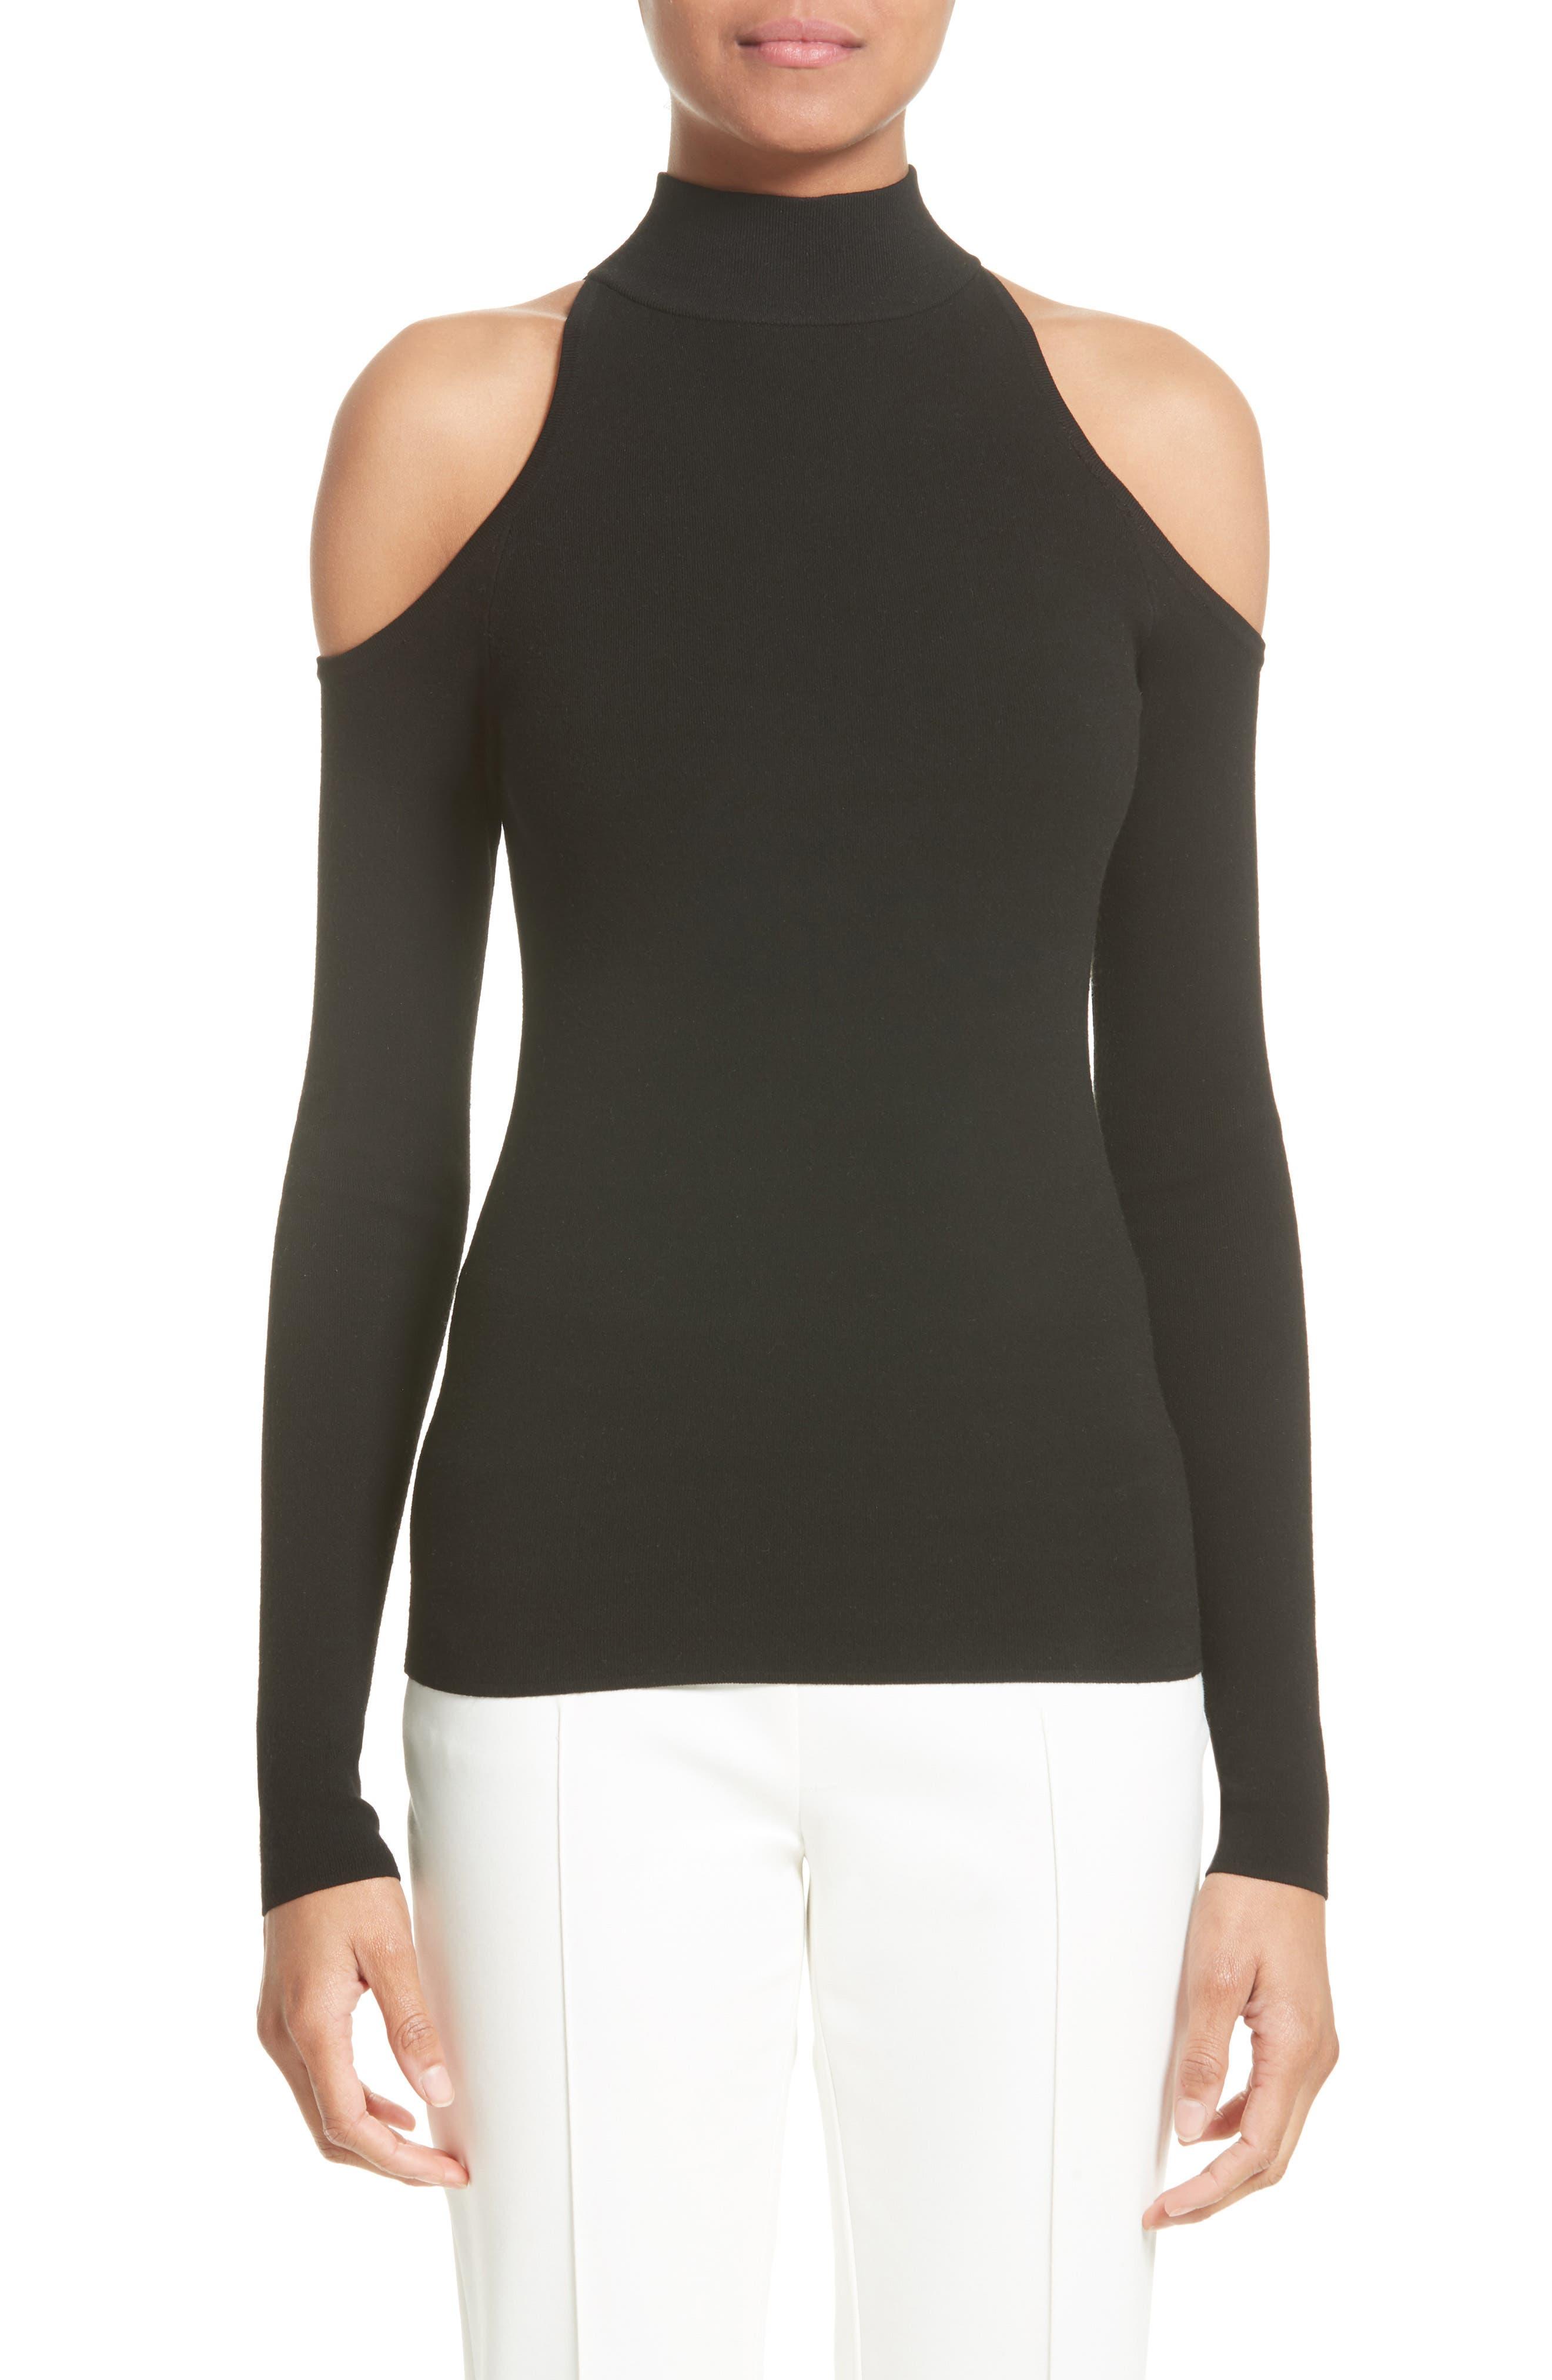 Alternate Image 1 Selected - Michael Kors Cold Shoulder Stretch Knit Top